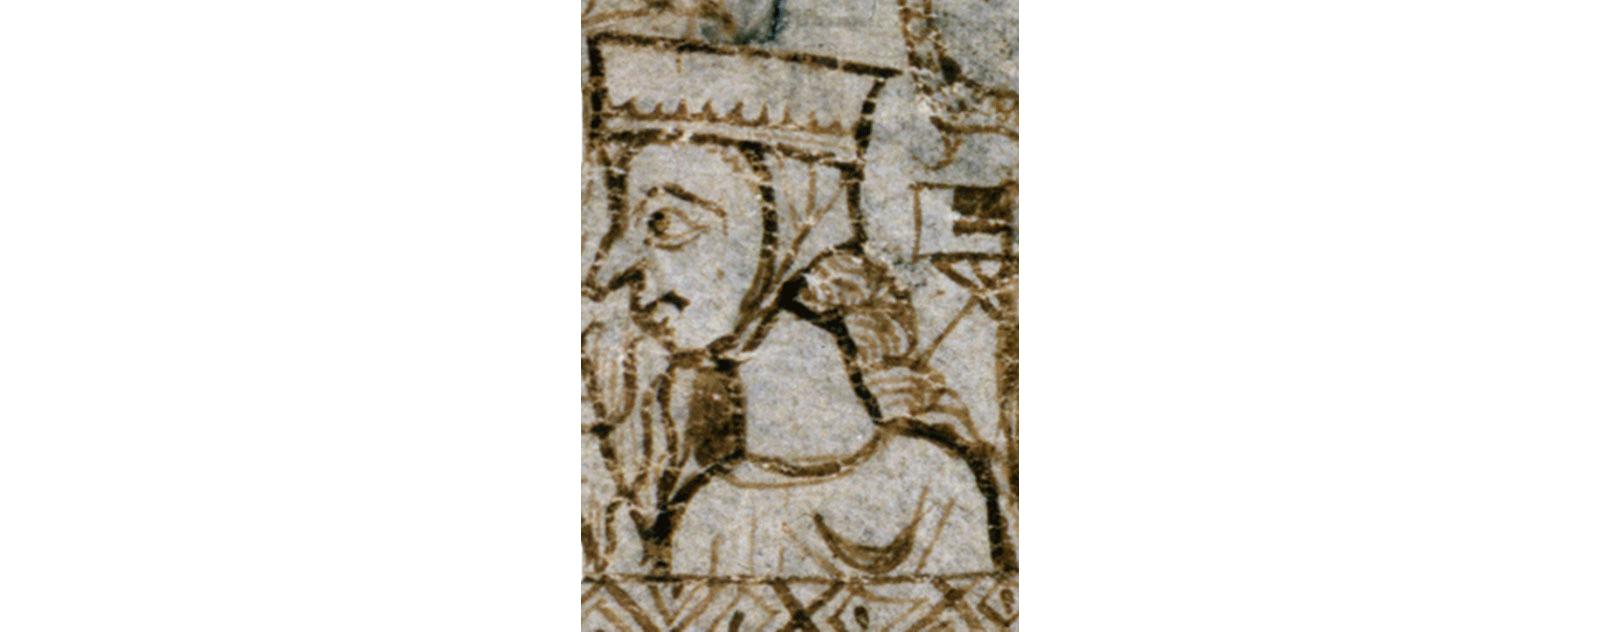 Avegaye (detail)